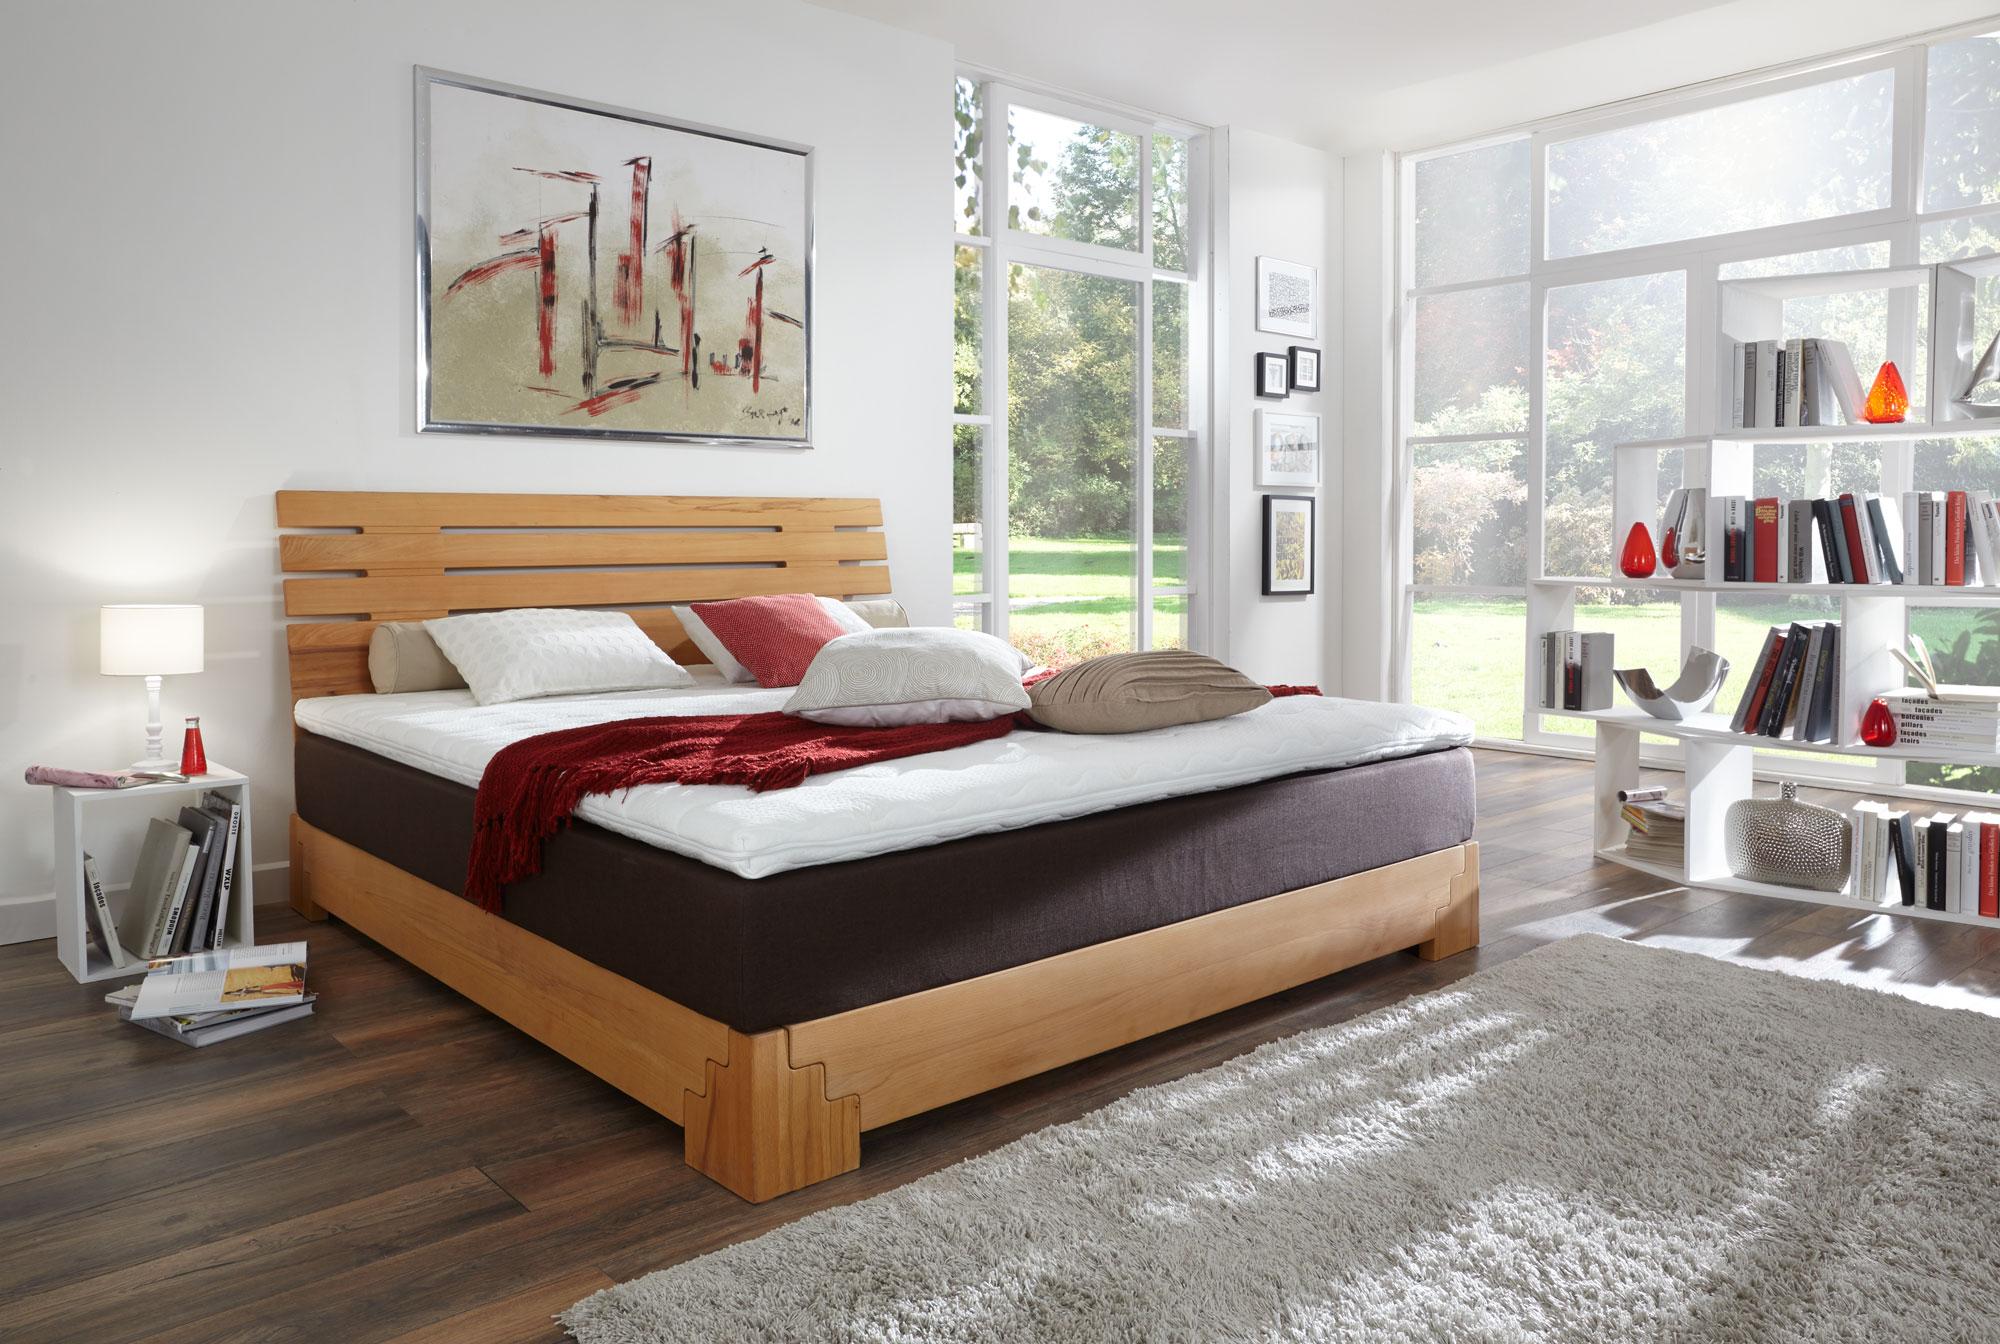 Full Size of Amerikanisches Bett Beziehen Hoch Amerikanische Betten Holz Mit Vielen Kissen Selber Bauen King Size Kaufen Bettzeug Bettgestell Boxspringbetten Bei Dami Bett Amerikanisches Bett